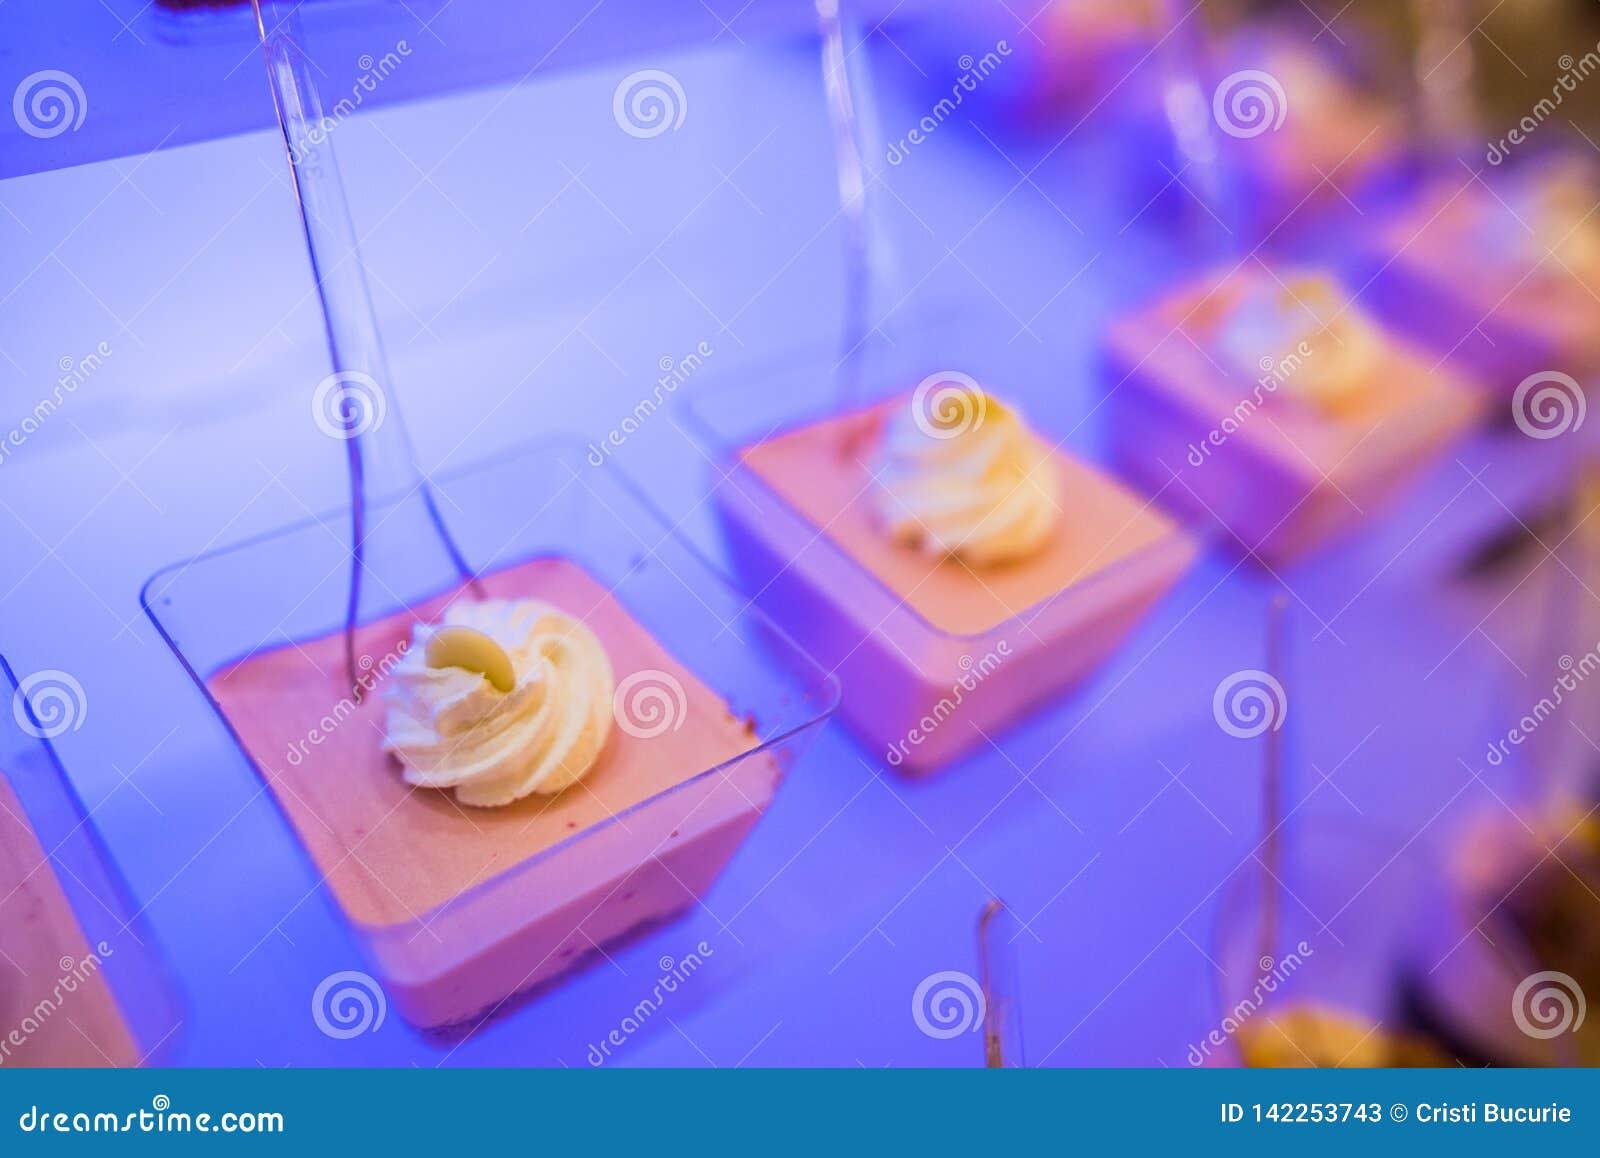 Pudding- und Geleeschokoriegel